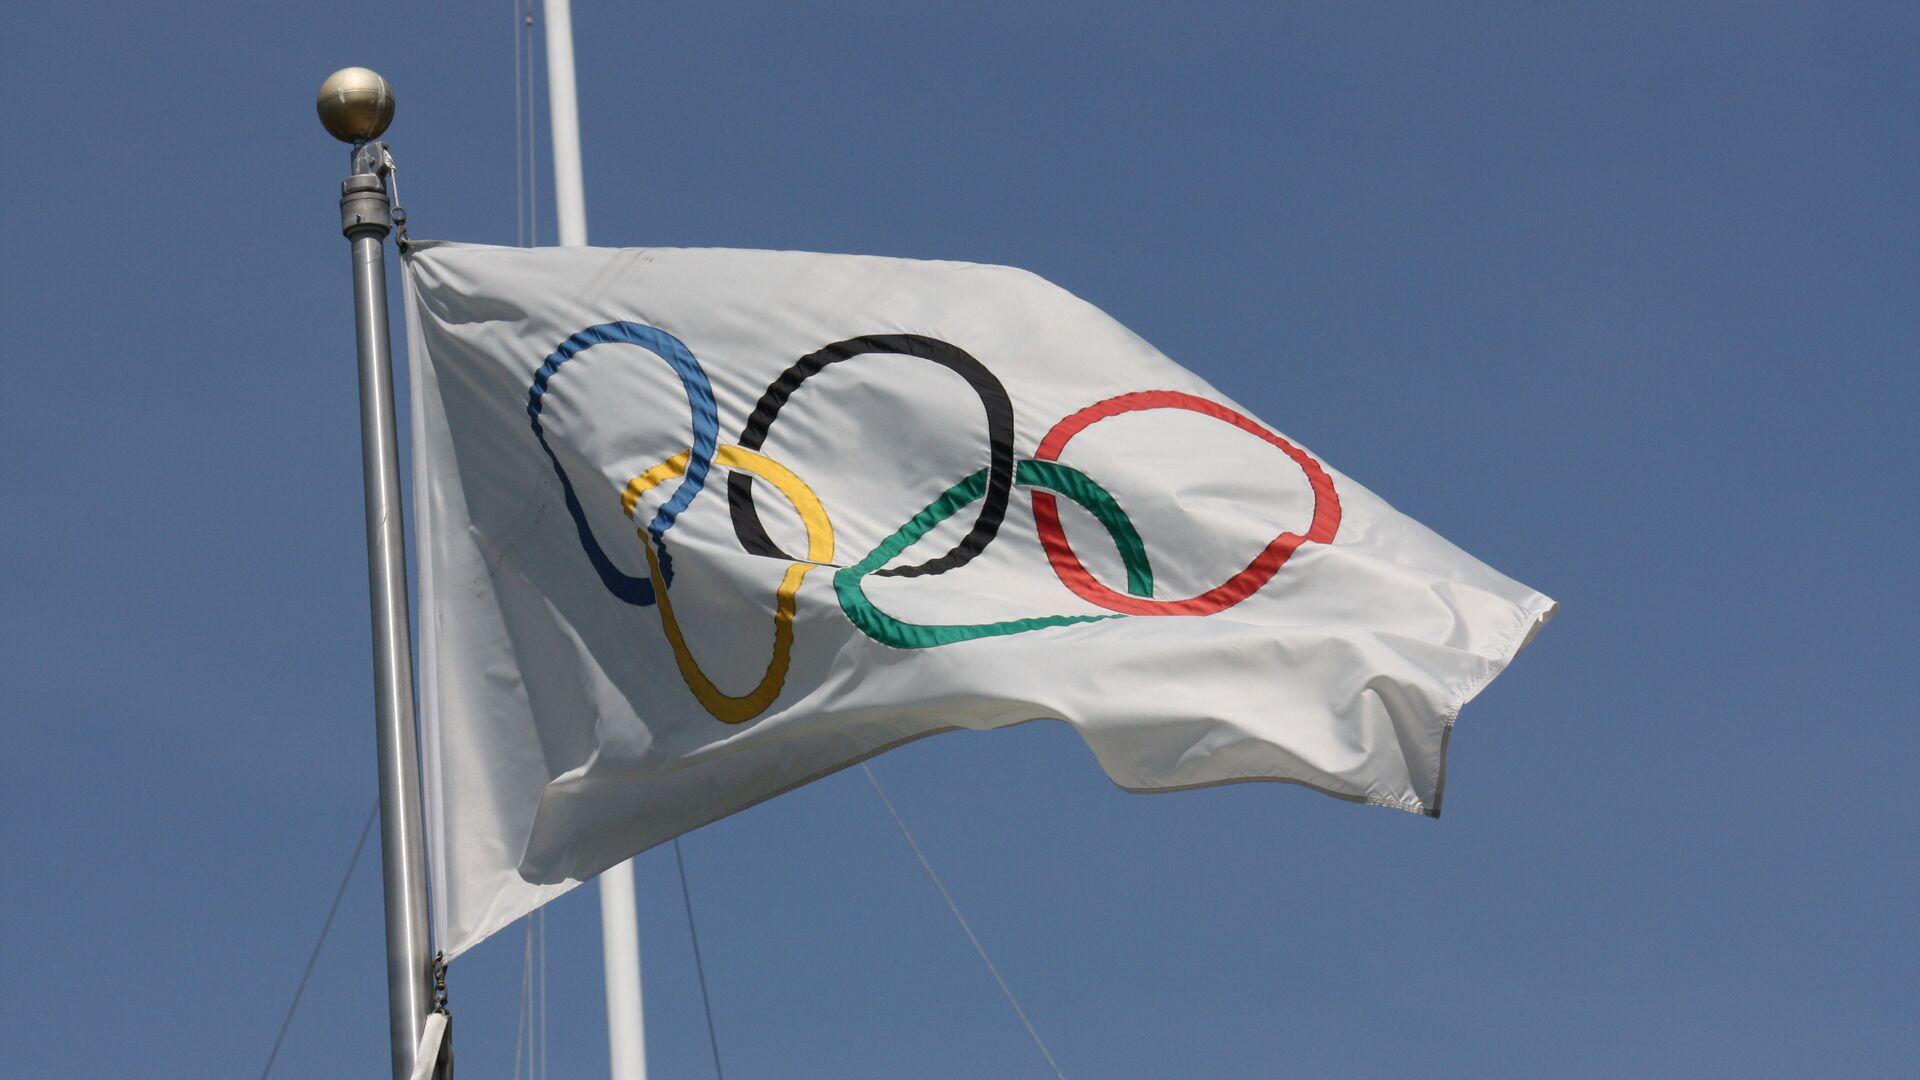 La bandera olímpica - Sputnik Mundo, 1920, 02.03.2021